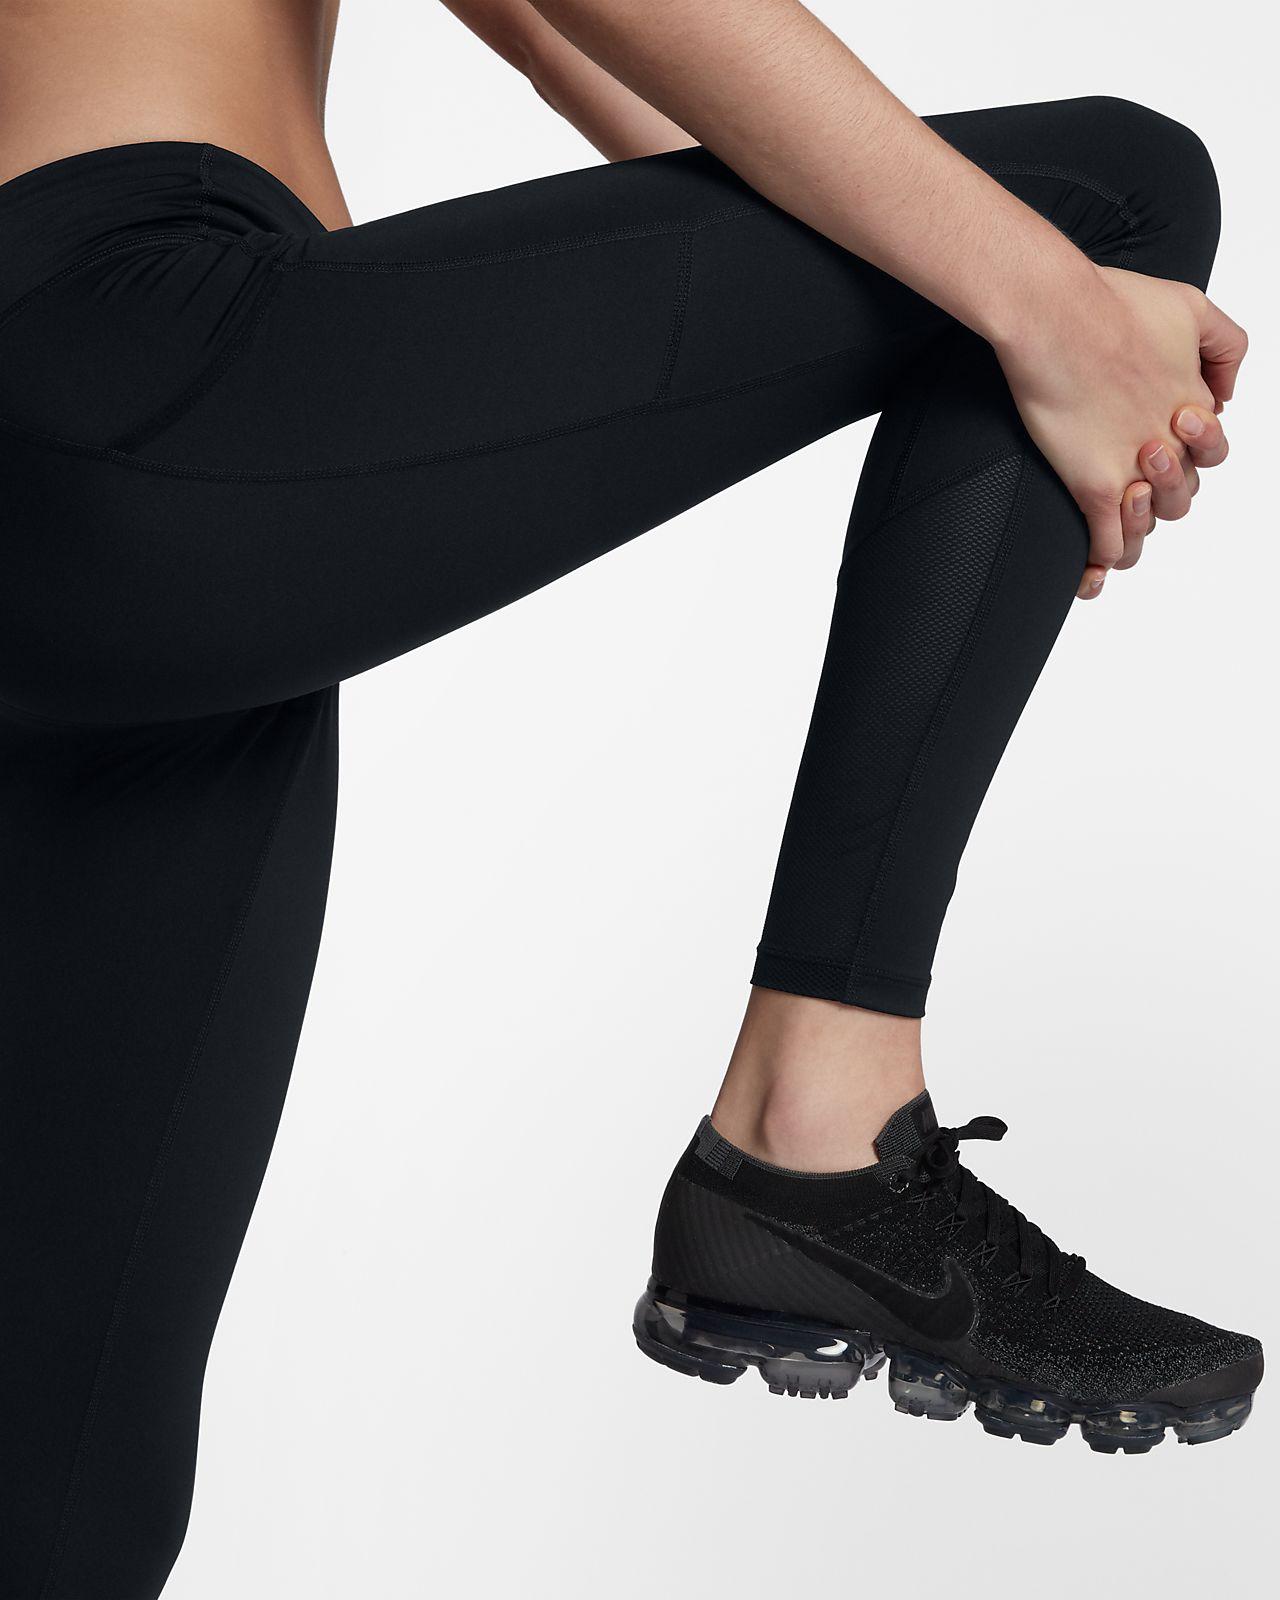 Dámské běžecké legíny Nike Racer se středně vysokým pasem. Nike.com CZ 1611c66ecc